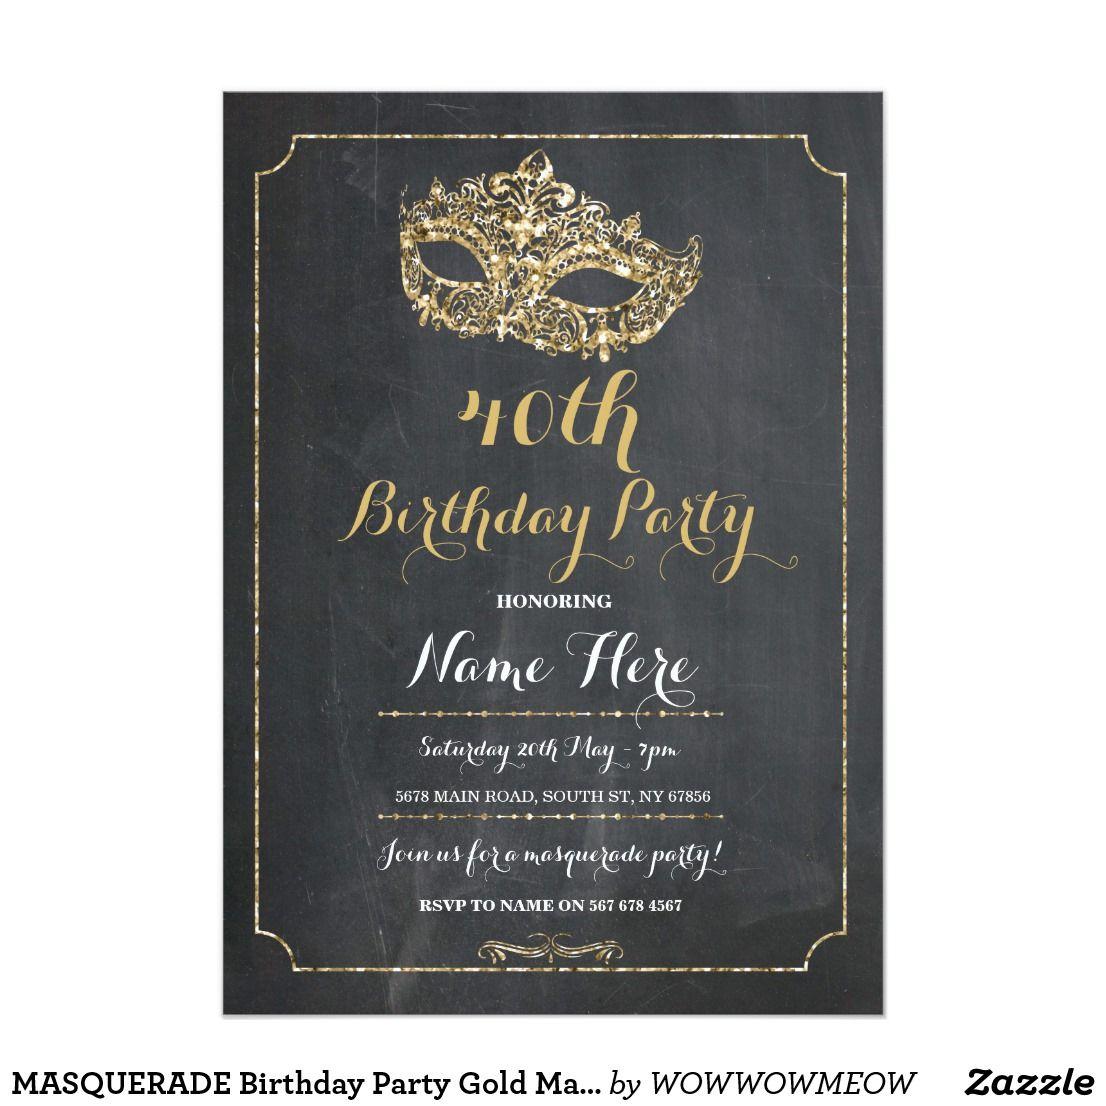 MASQUERADE Birthday Party Gold Mask Invite 40th 50 | Masquerade ...